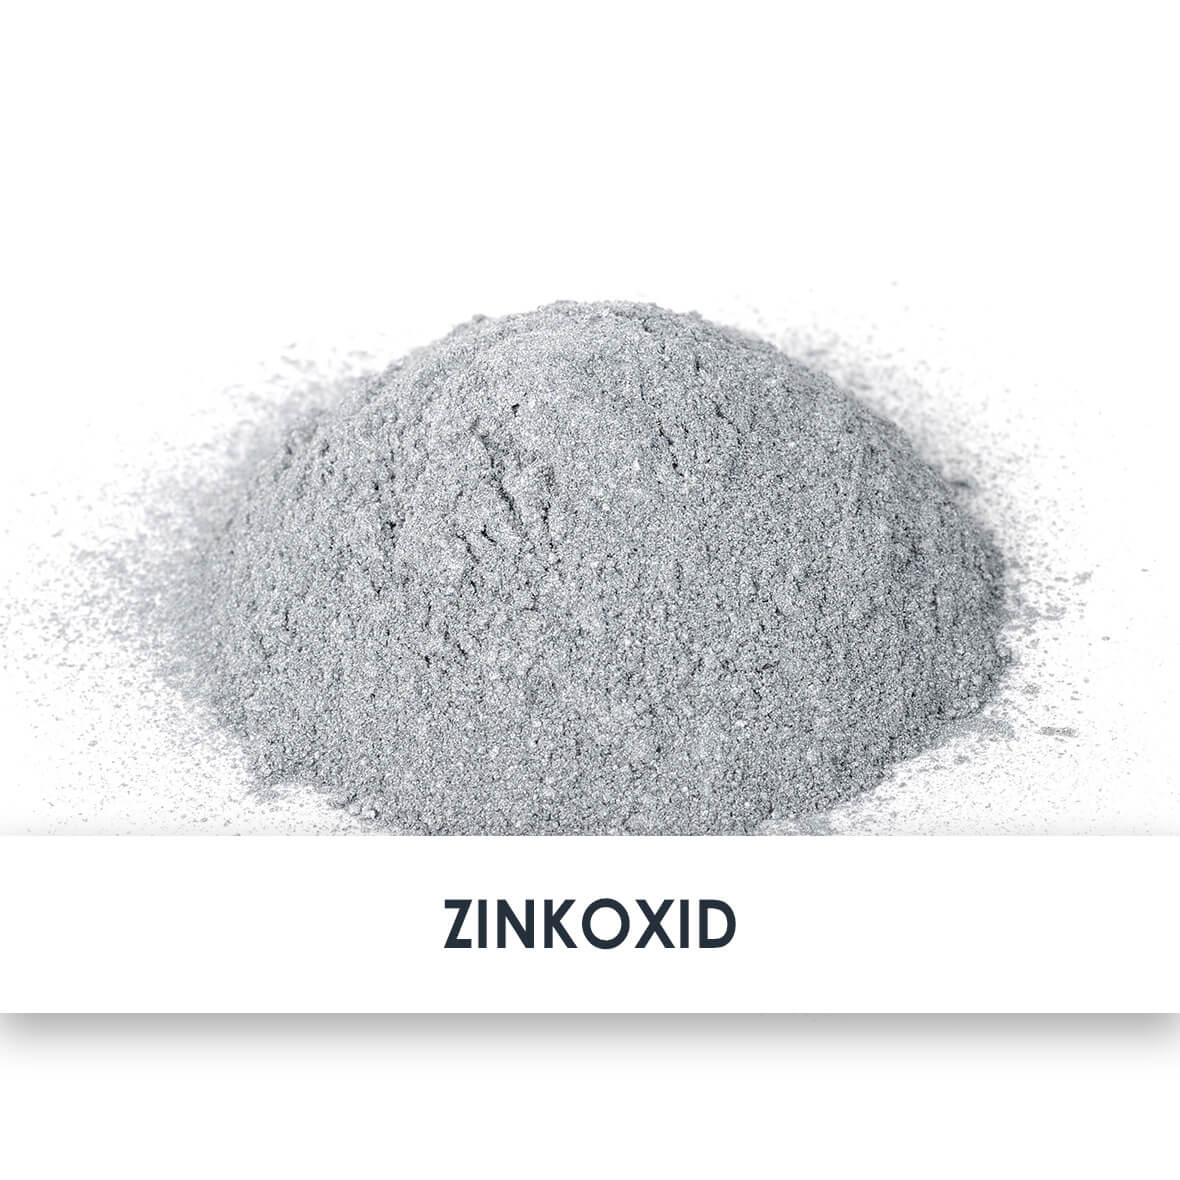 Wirkstoff Zinkoxid